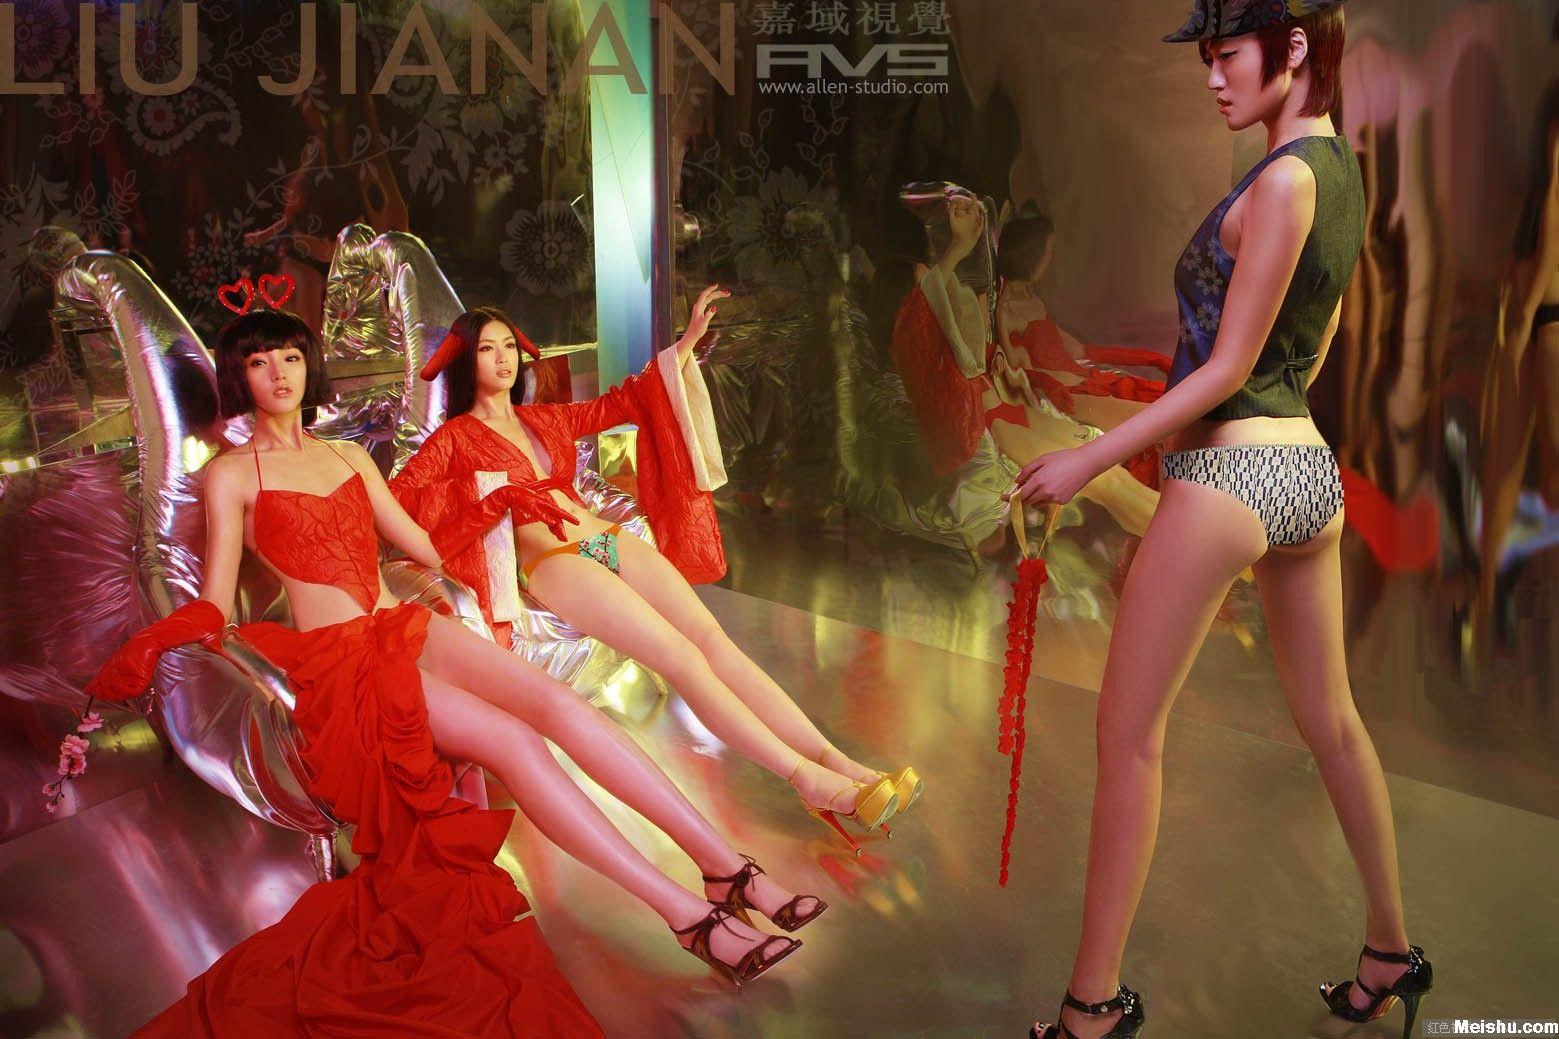 刘嘉楠时尚摄影高清大图:性感圣诞